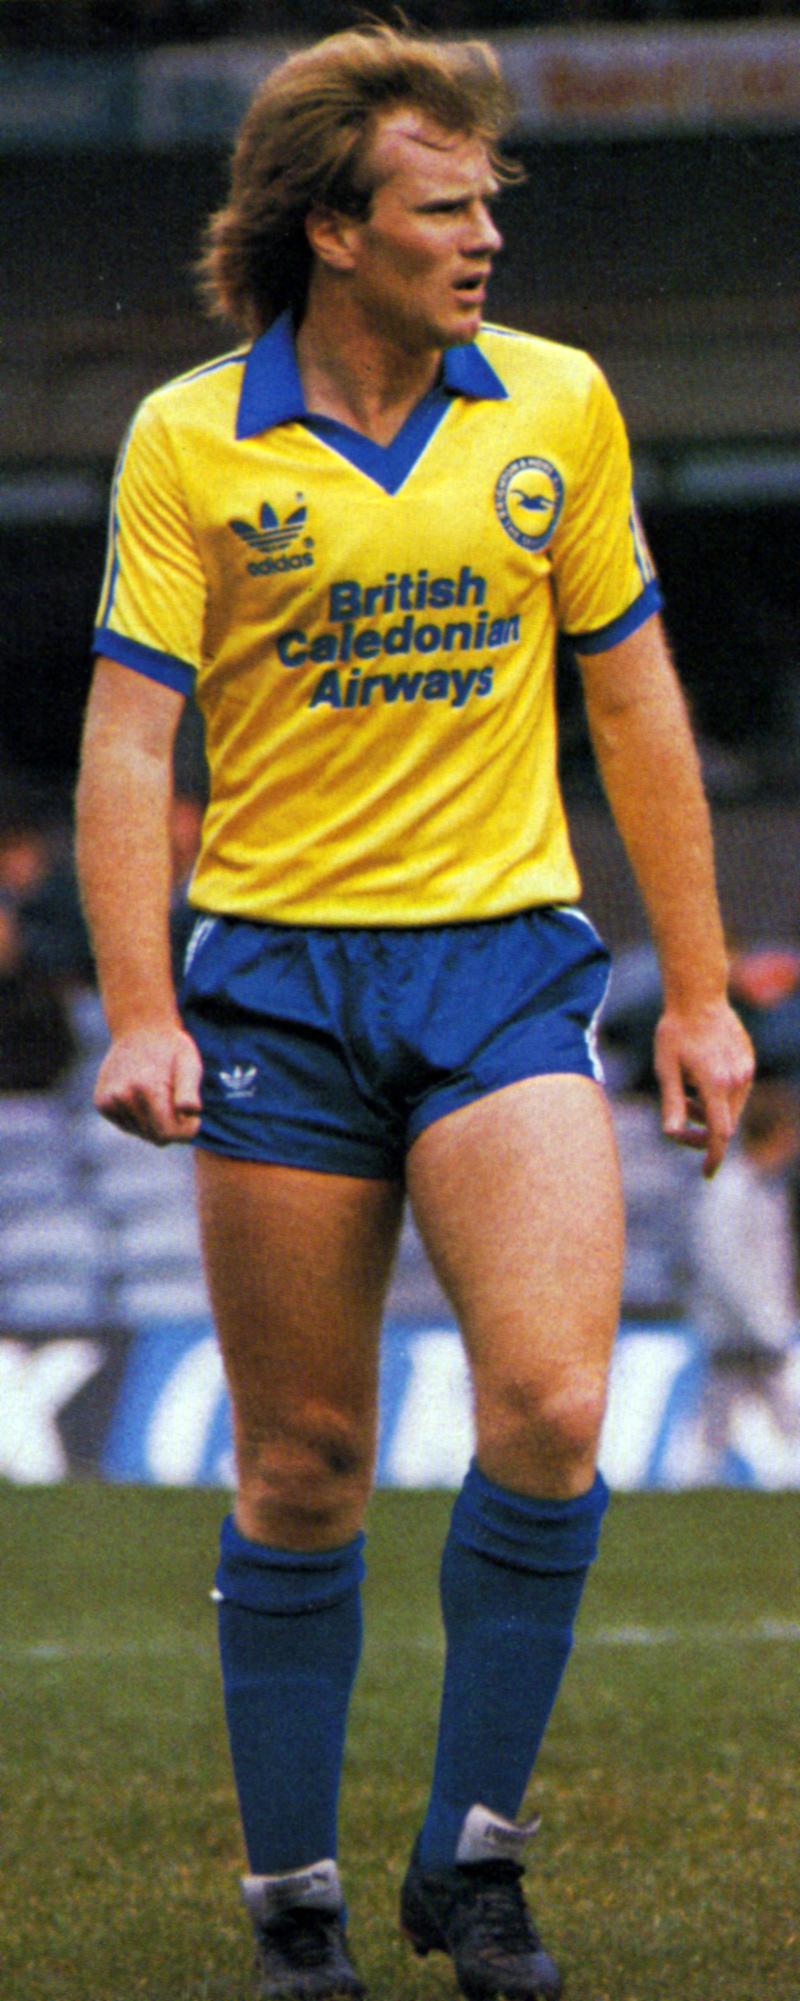 80s football shorts